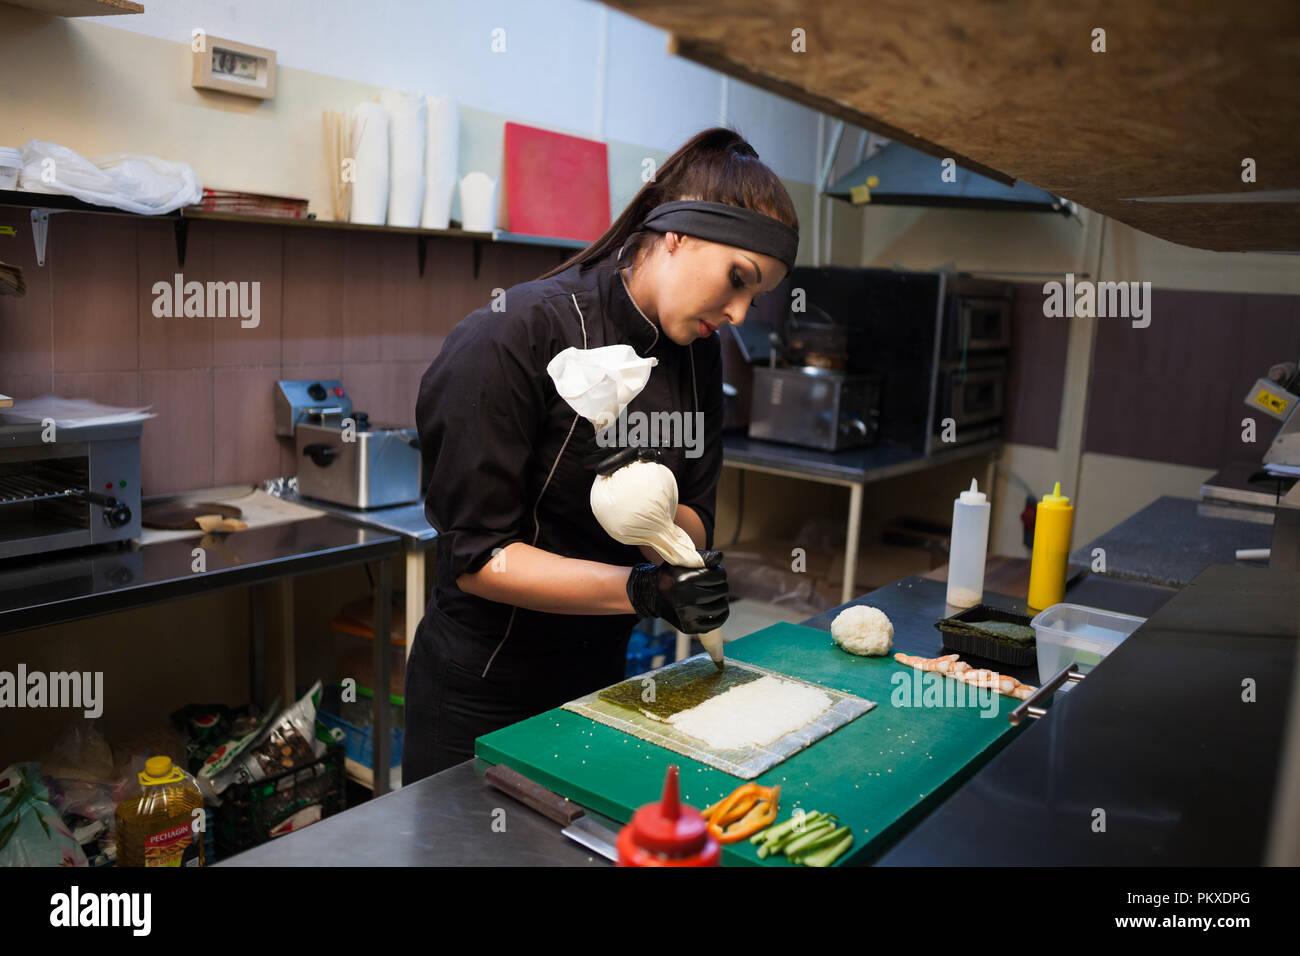 Frau Koch bereitet Sushi am Restaurant Küche Stockbild